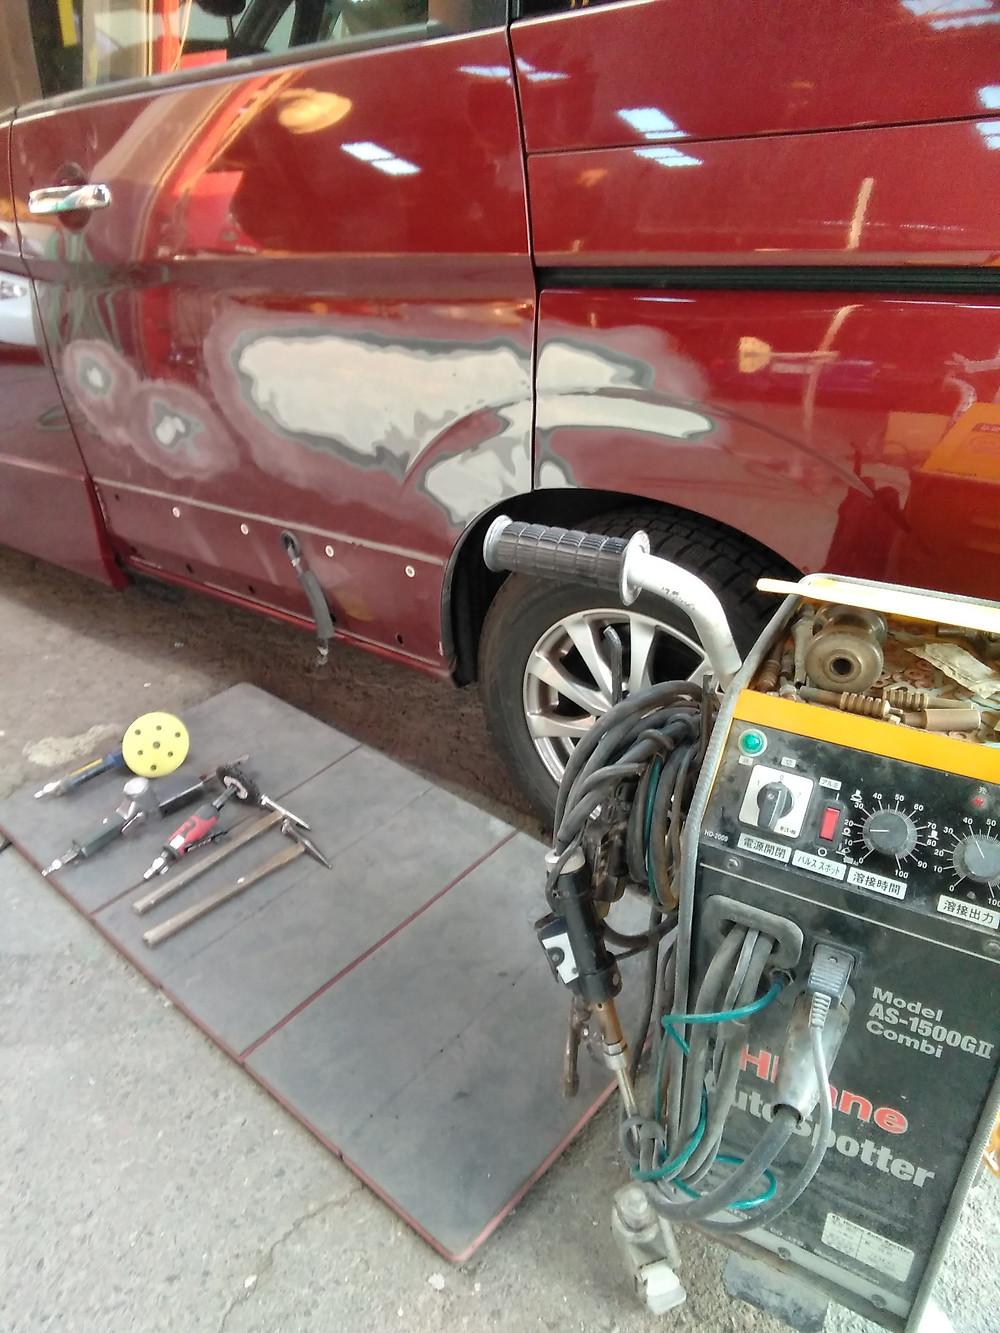 美濃加茂市 可児市 加茂郡 自動車 へこみ きず 自動車修理 鈑金